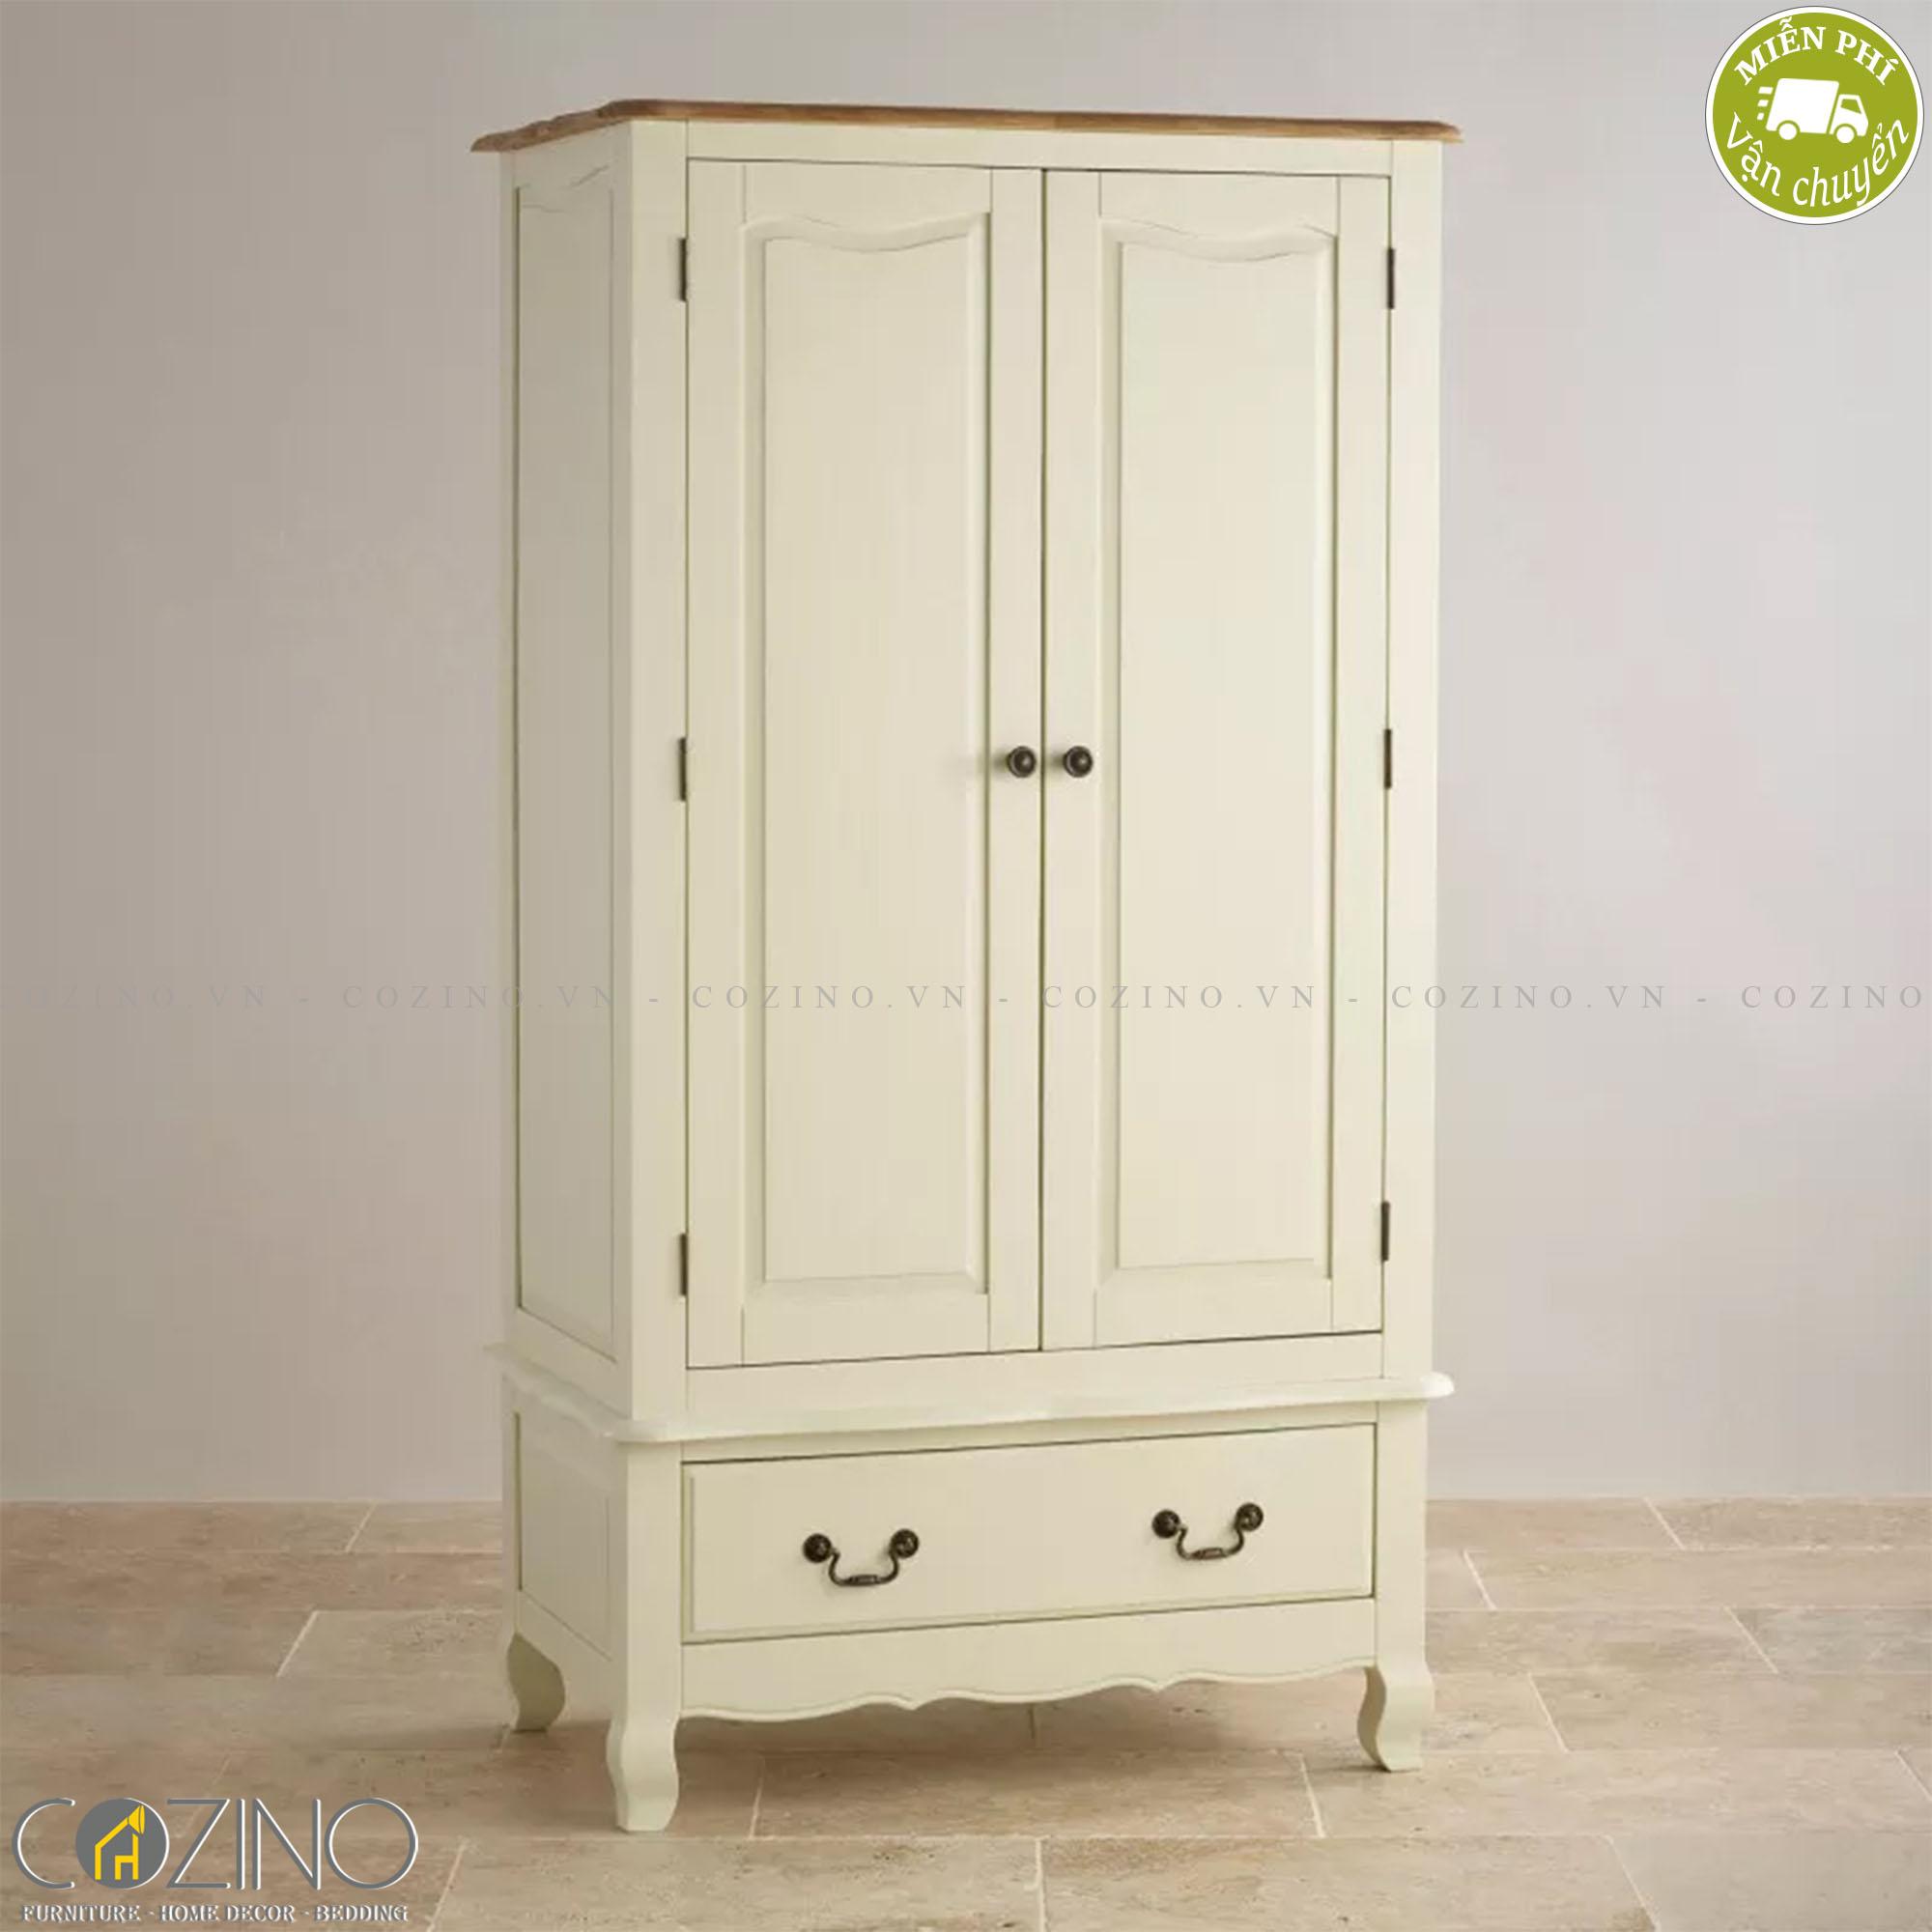 Tủ quần áo Skye 2 cánh 1 ngăn kéo gỗ sồi 1m4 - cozino